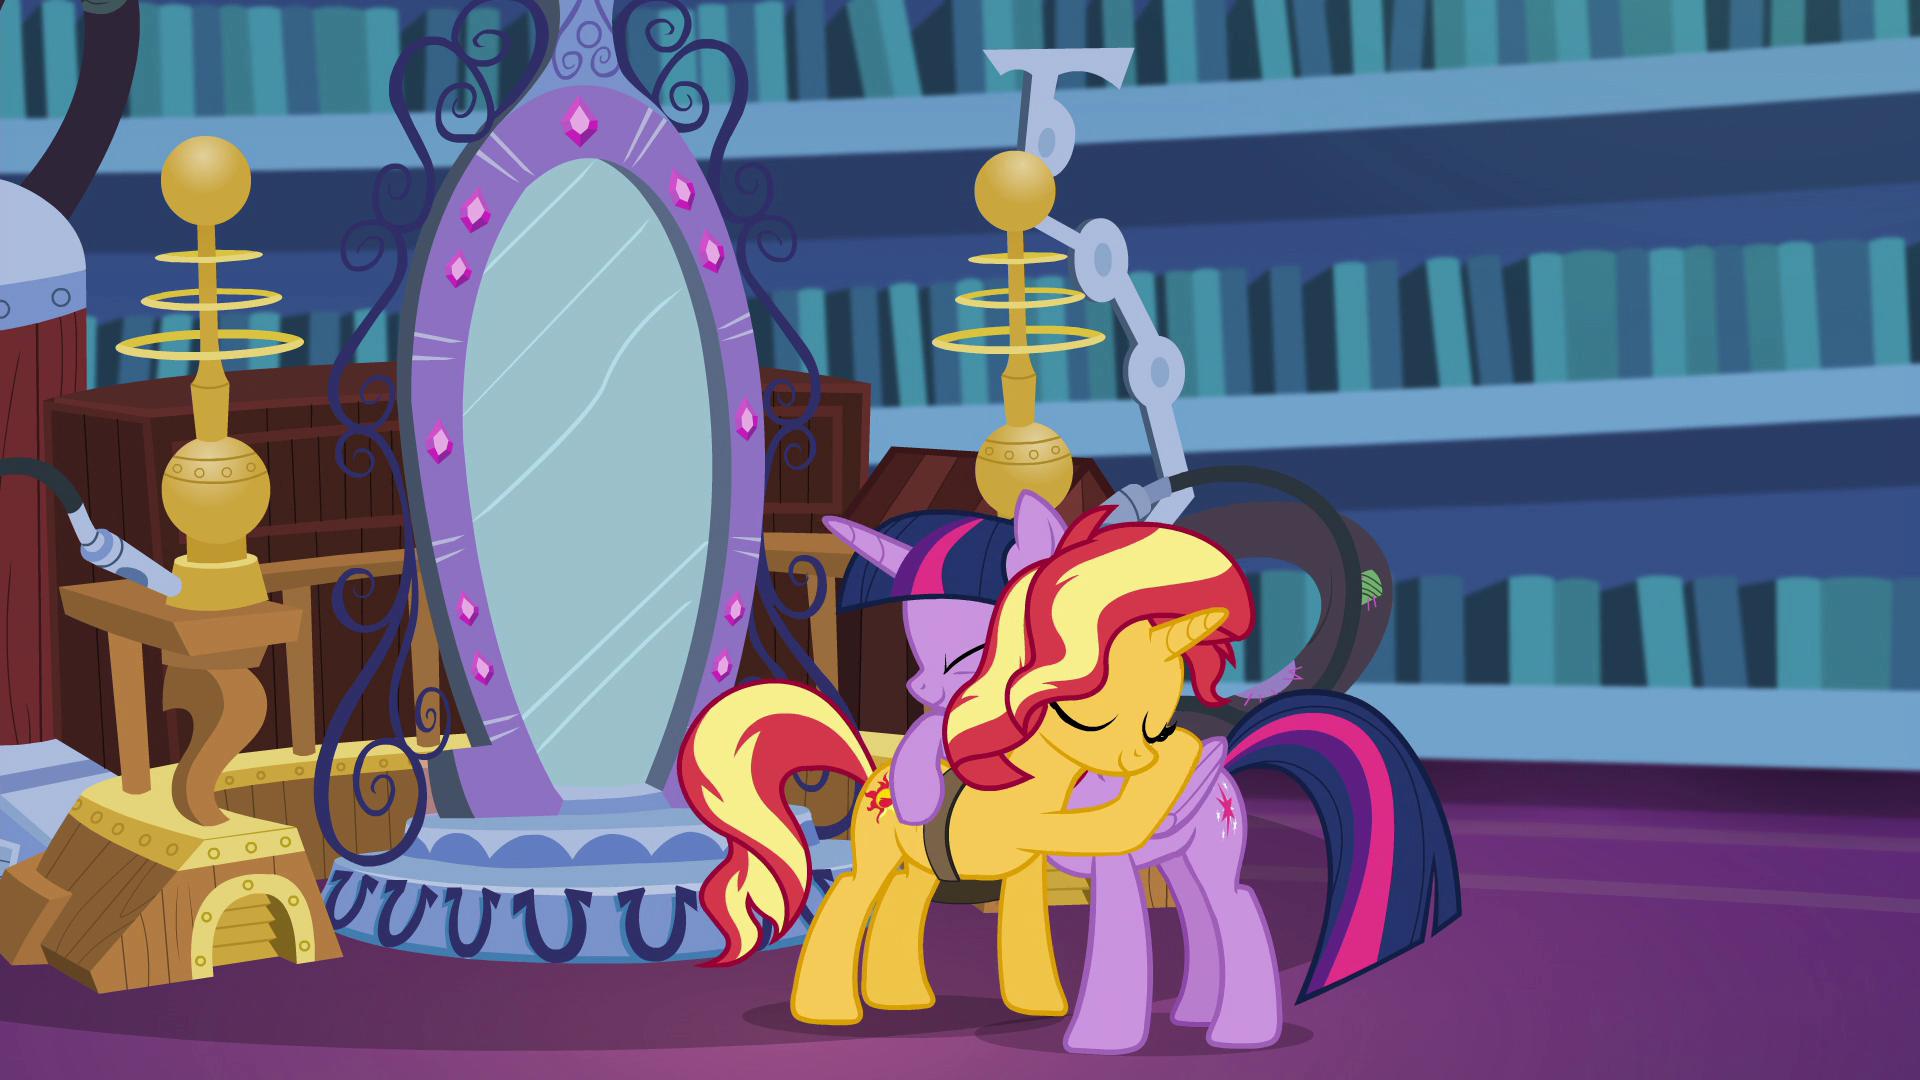 Image - Twilight Sparkle and Sunset Shimmer hugging EGFF